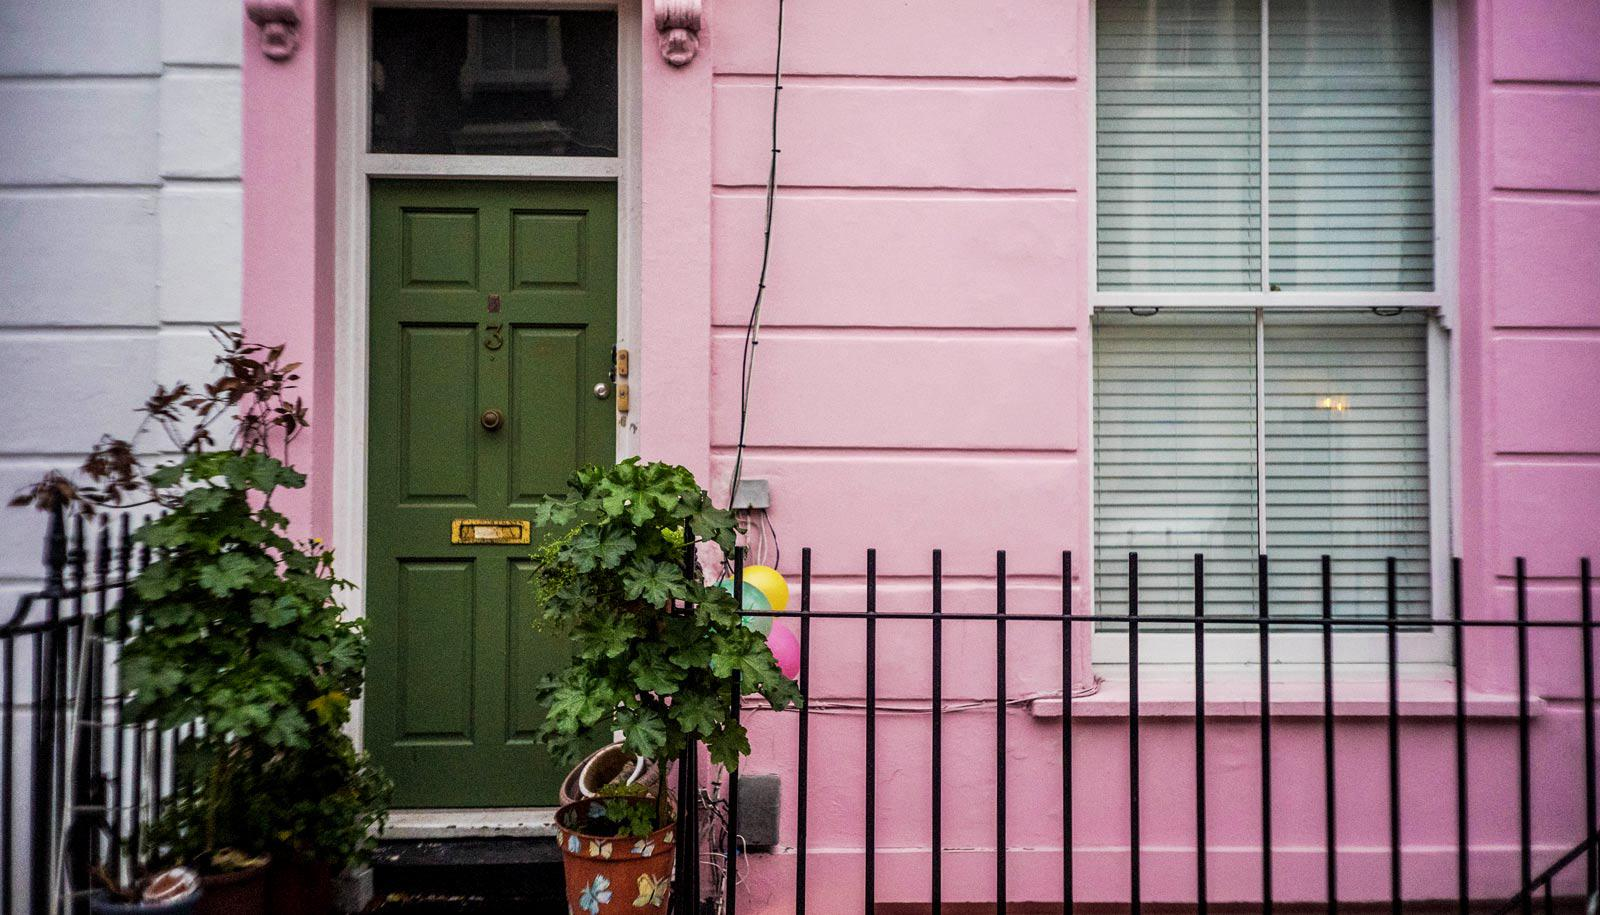 pink house with green door